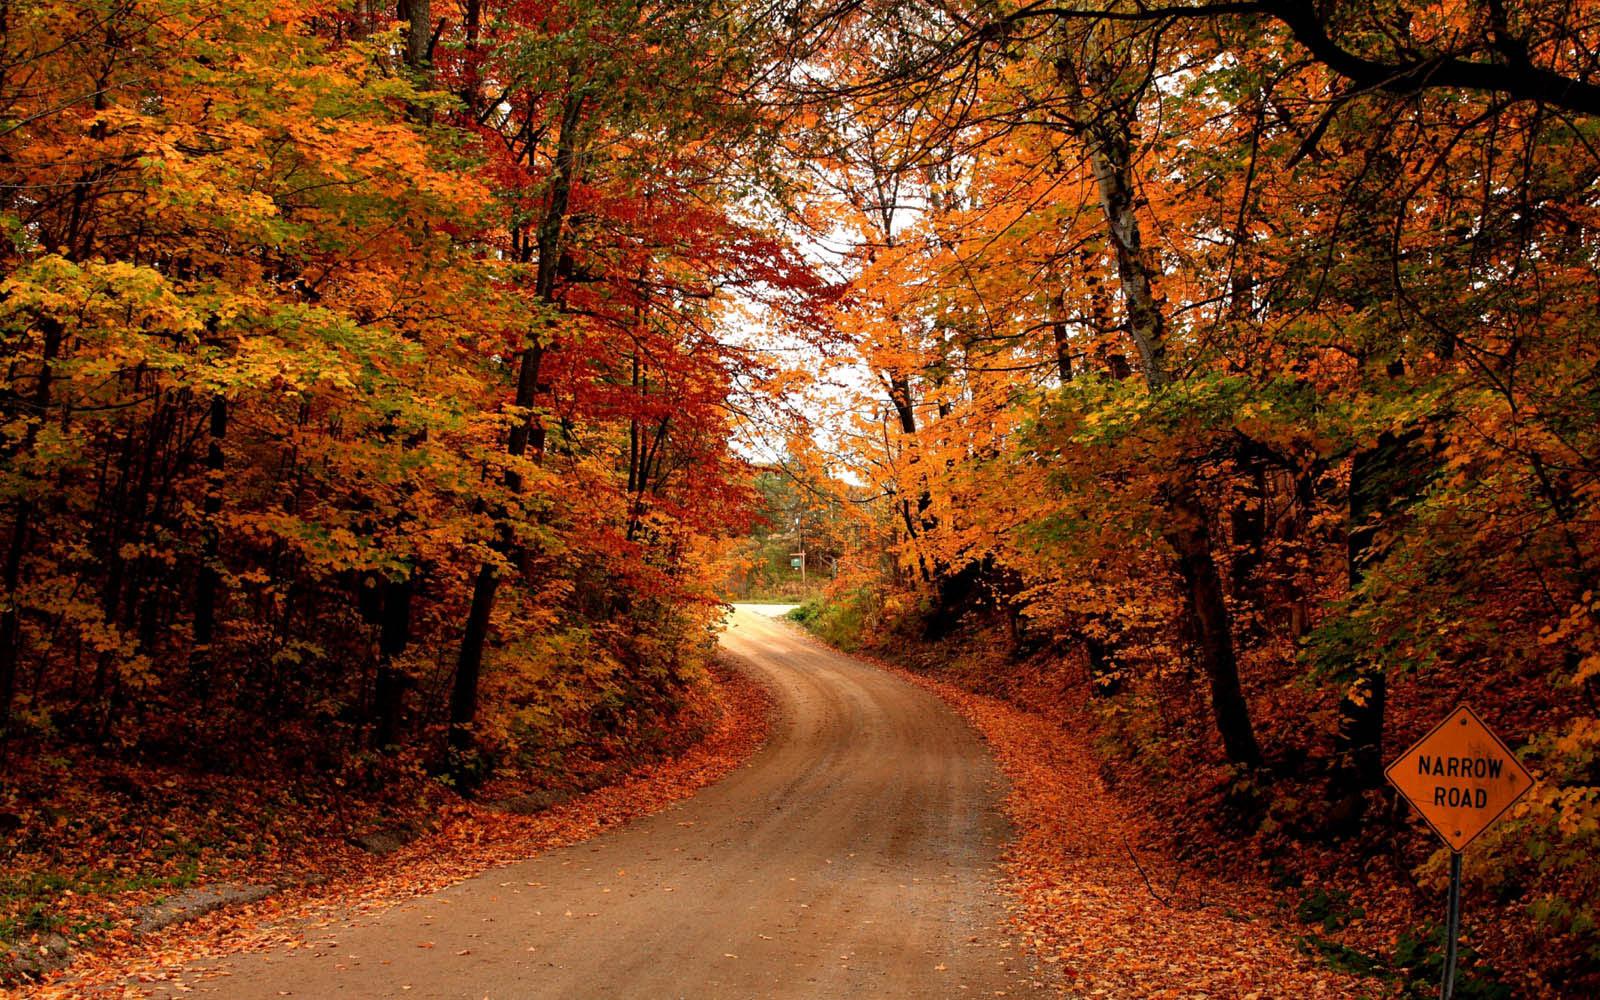 Desktop Wallpapers Autumn Road Desktop Wallpapers 1600x1000